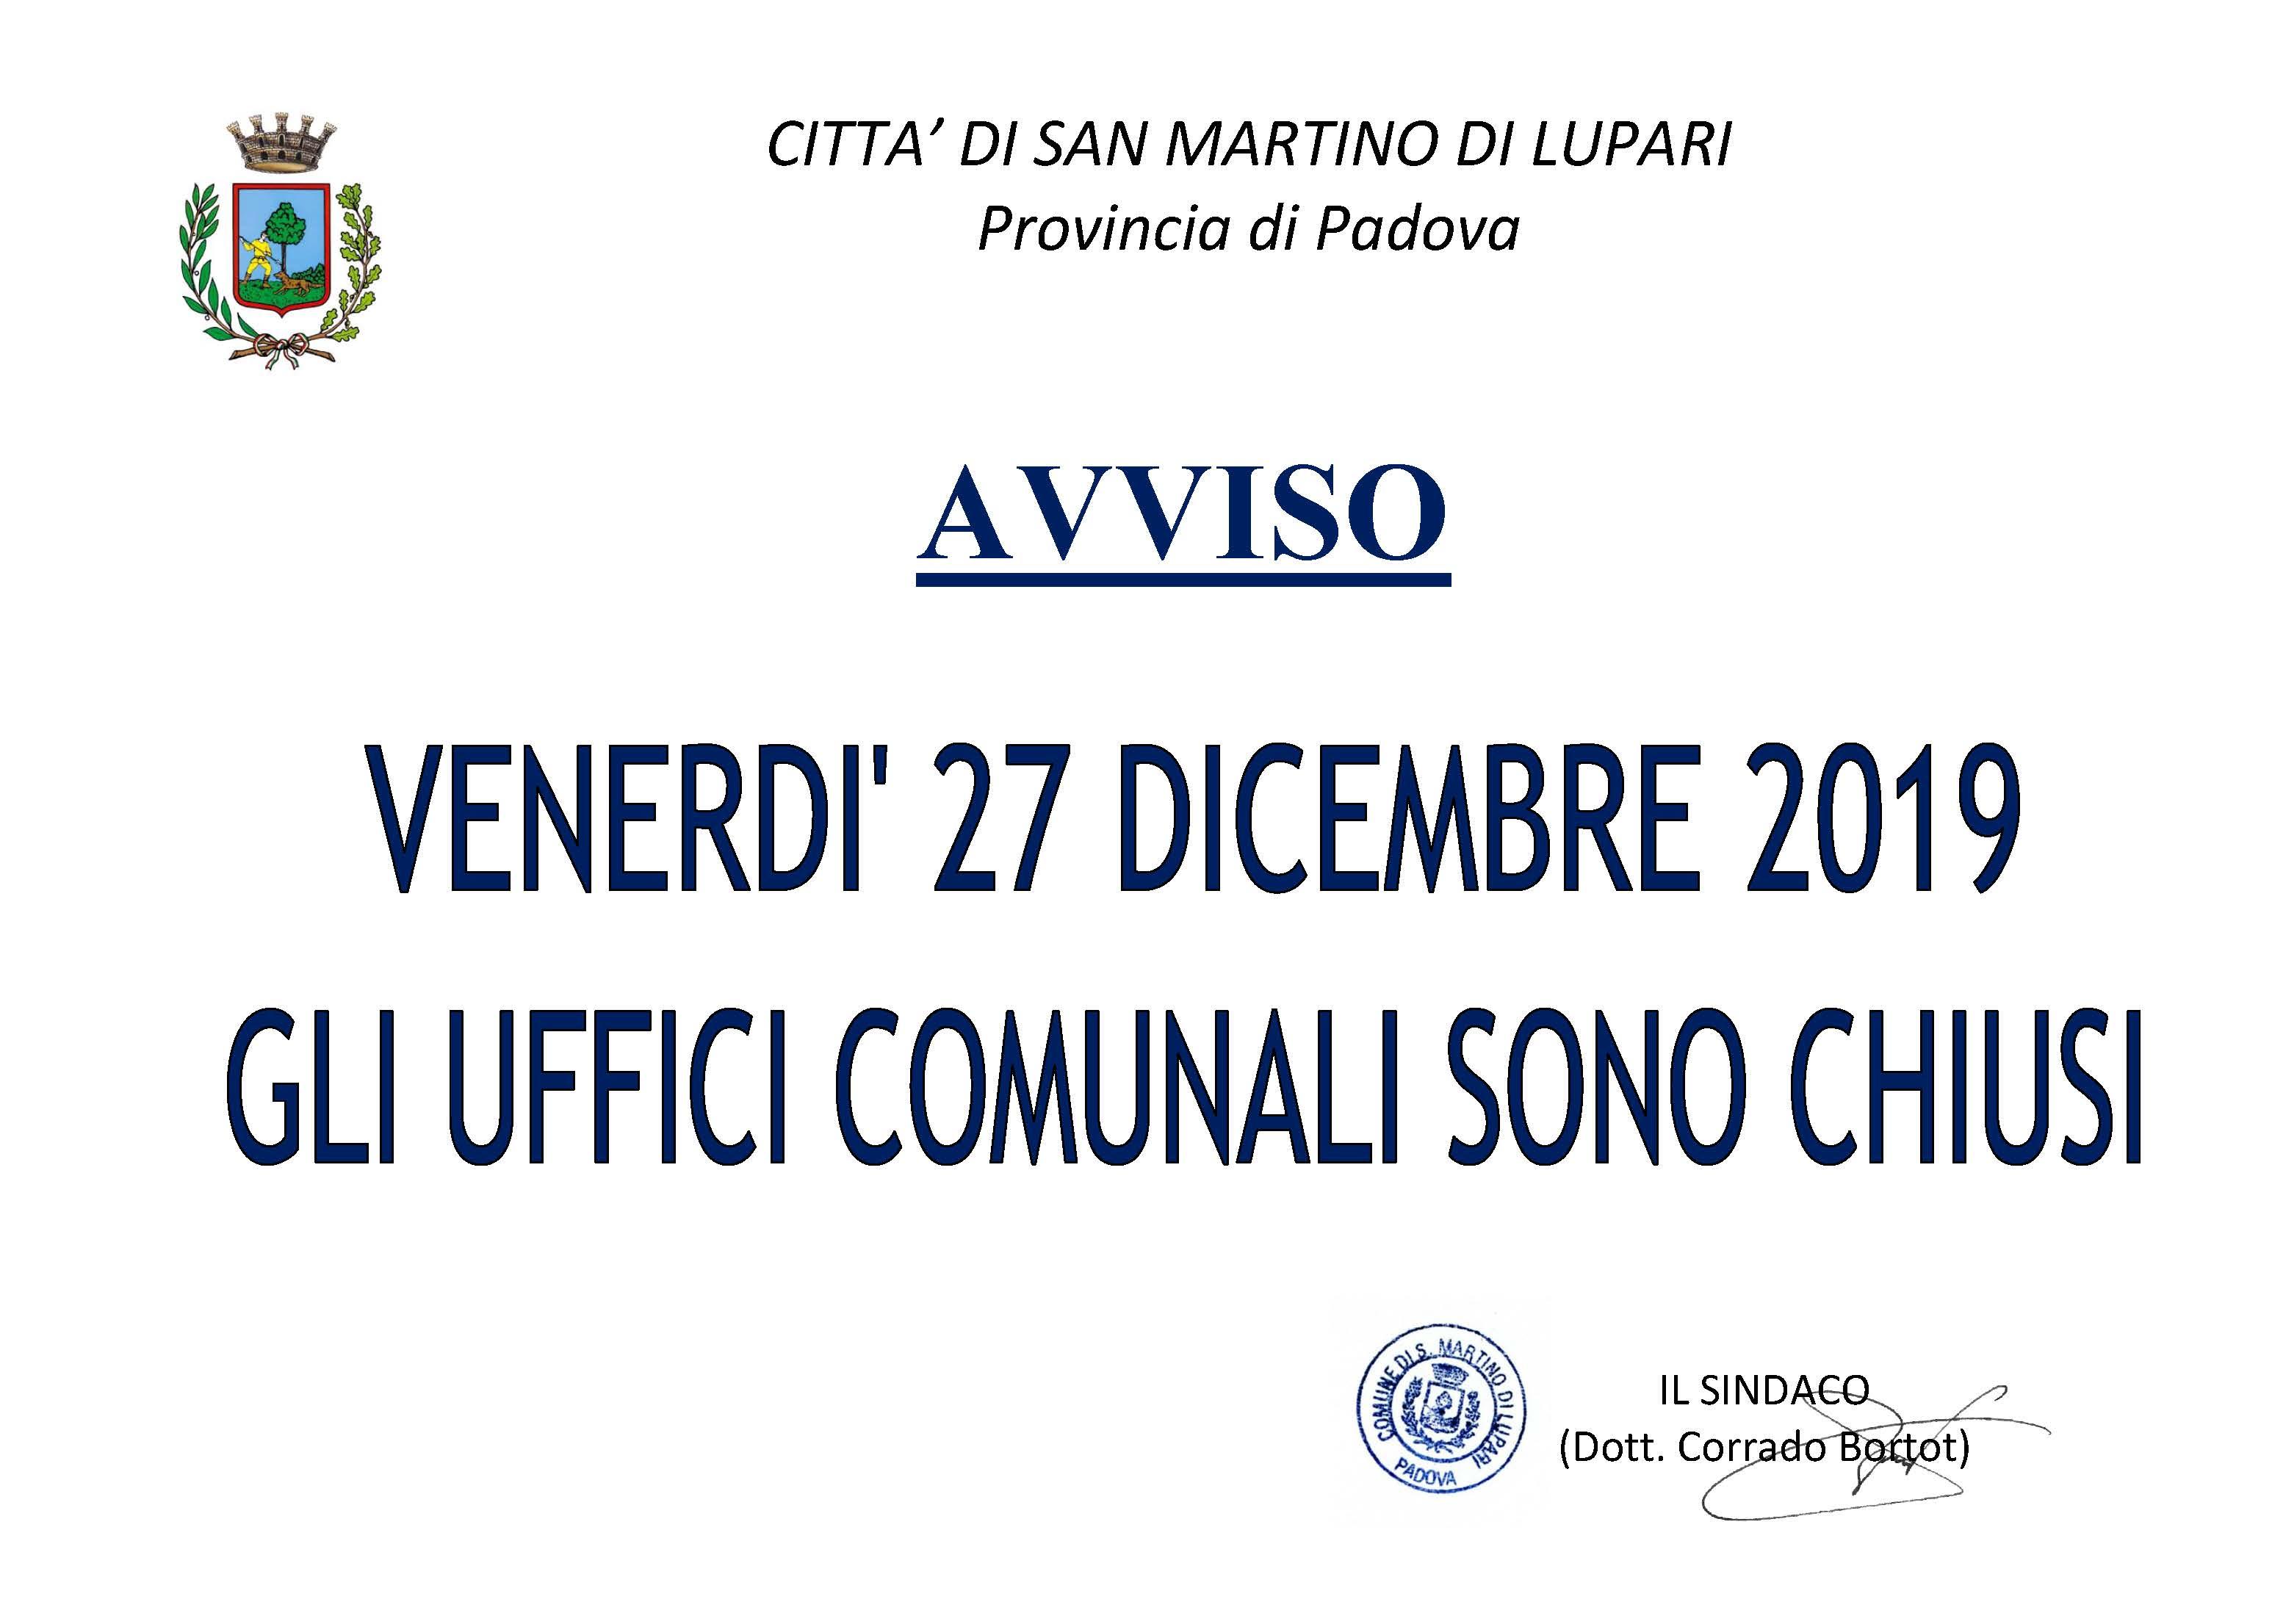 AVVISO CHIUSURA UFFICI COMUNALI – 27 dicembre 2019